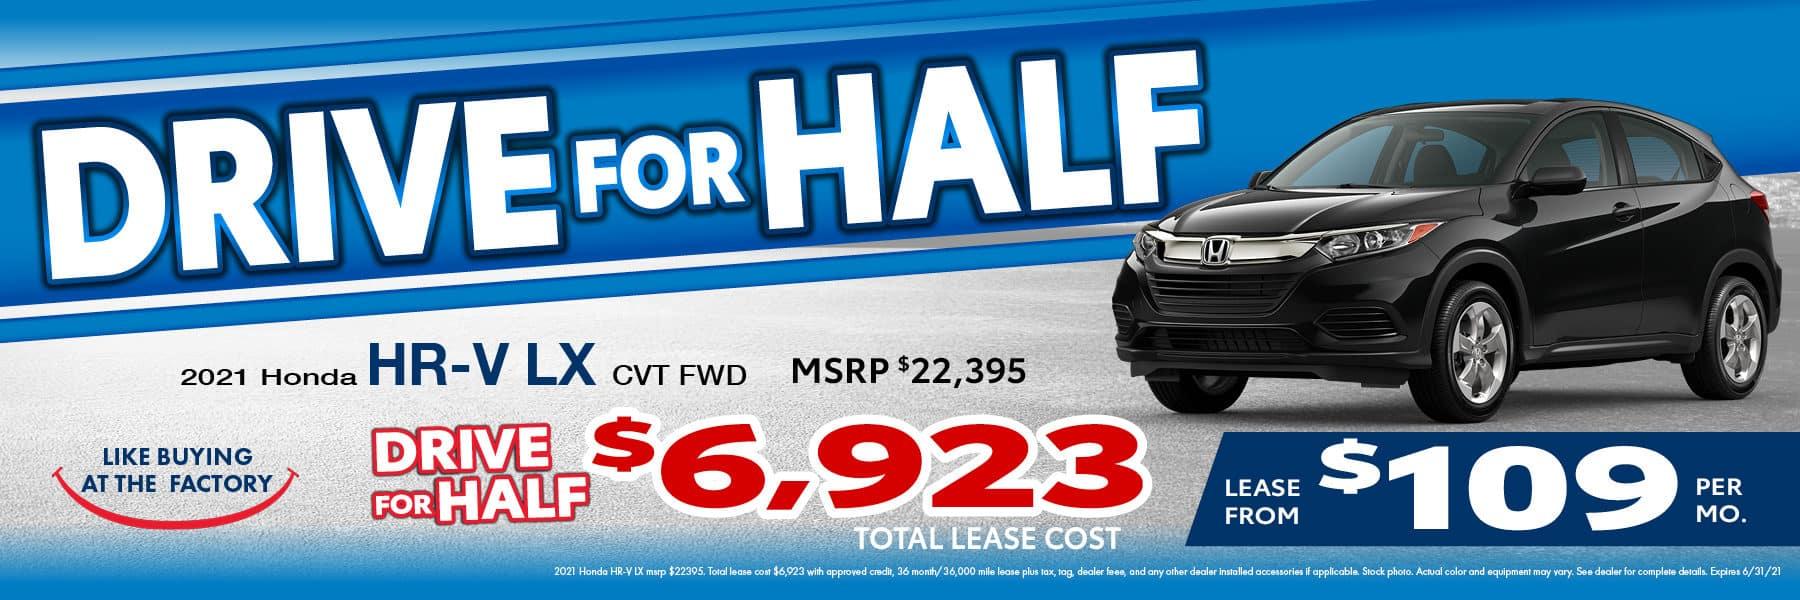 rjjT3991 HQ Honda 1800×600 Drive Half3